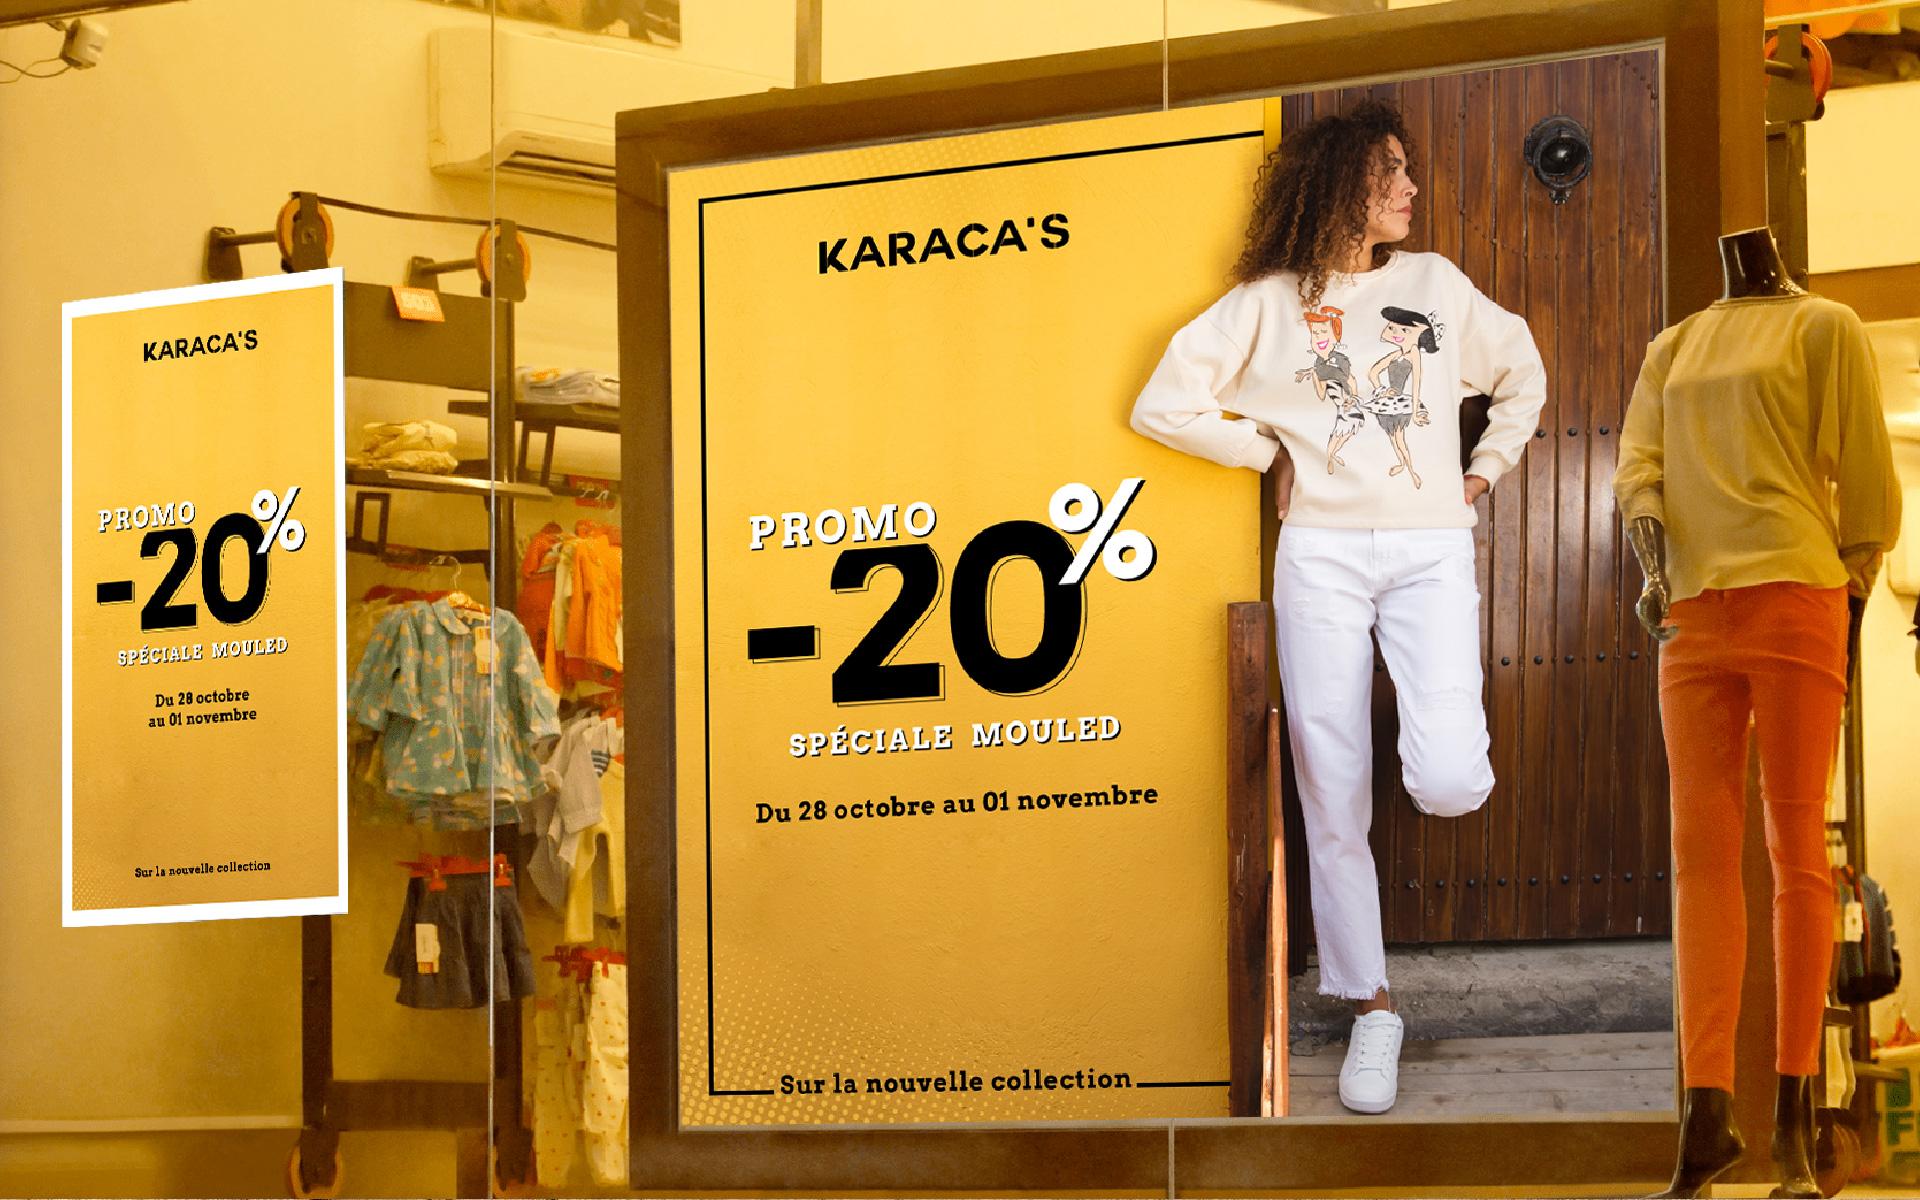 Panneau Karaca's